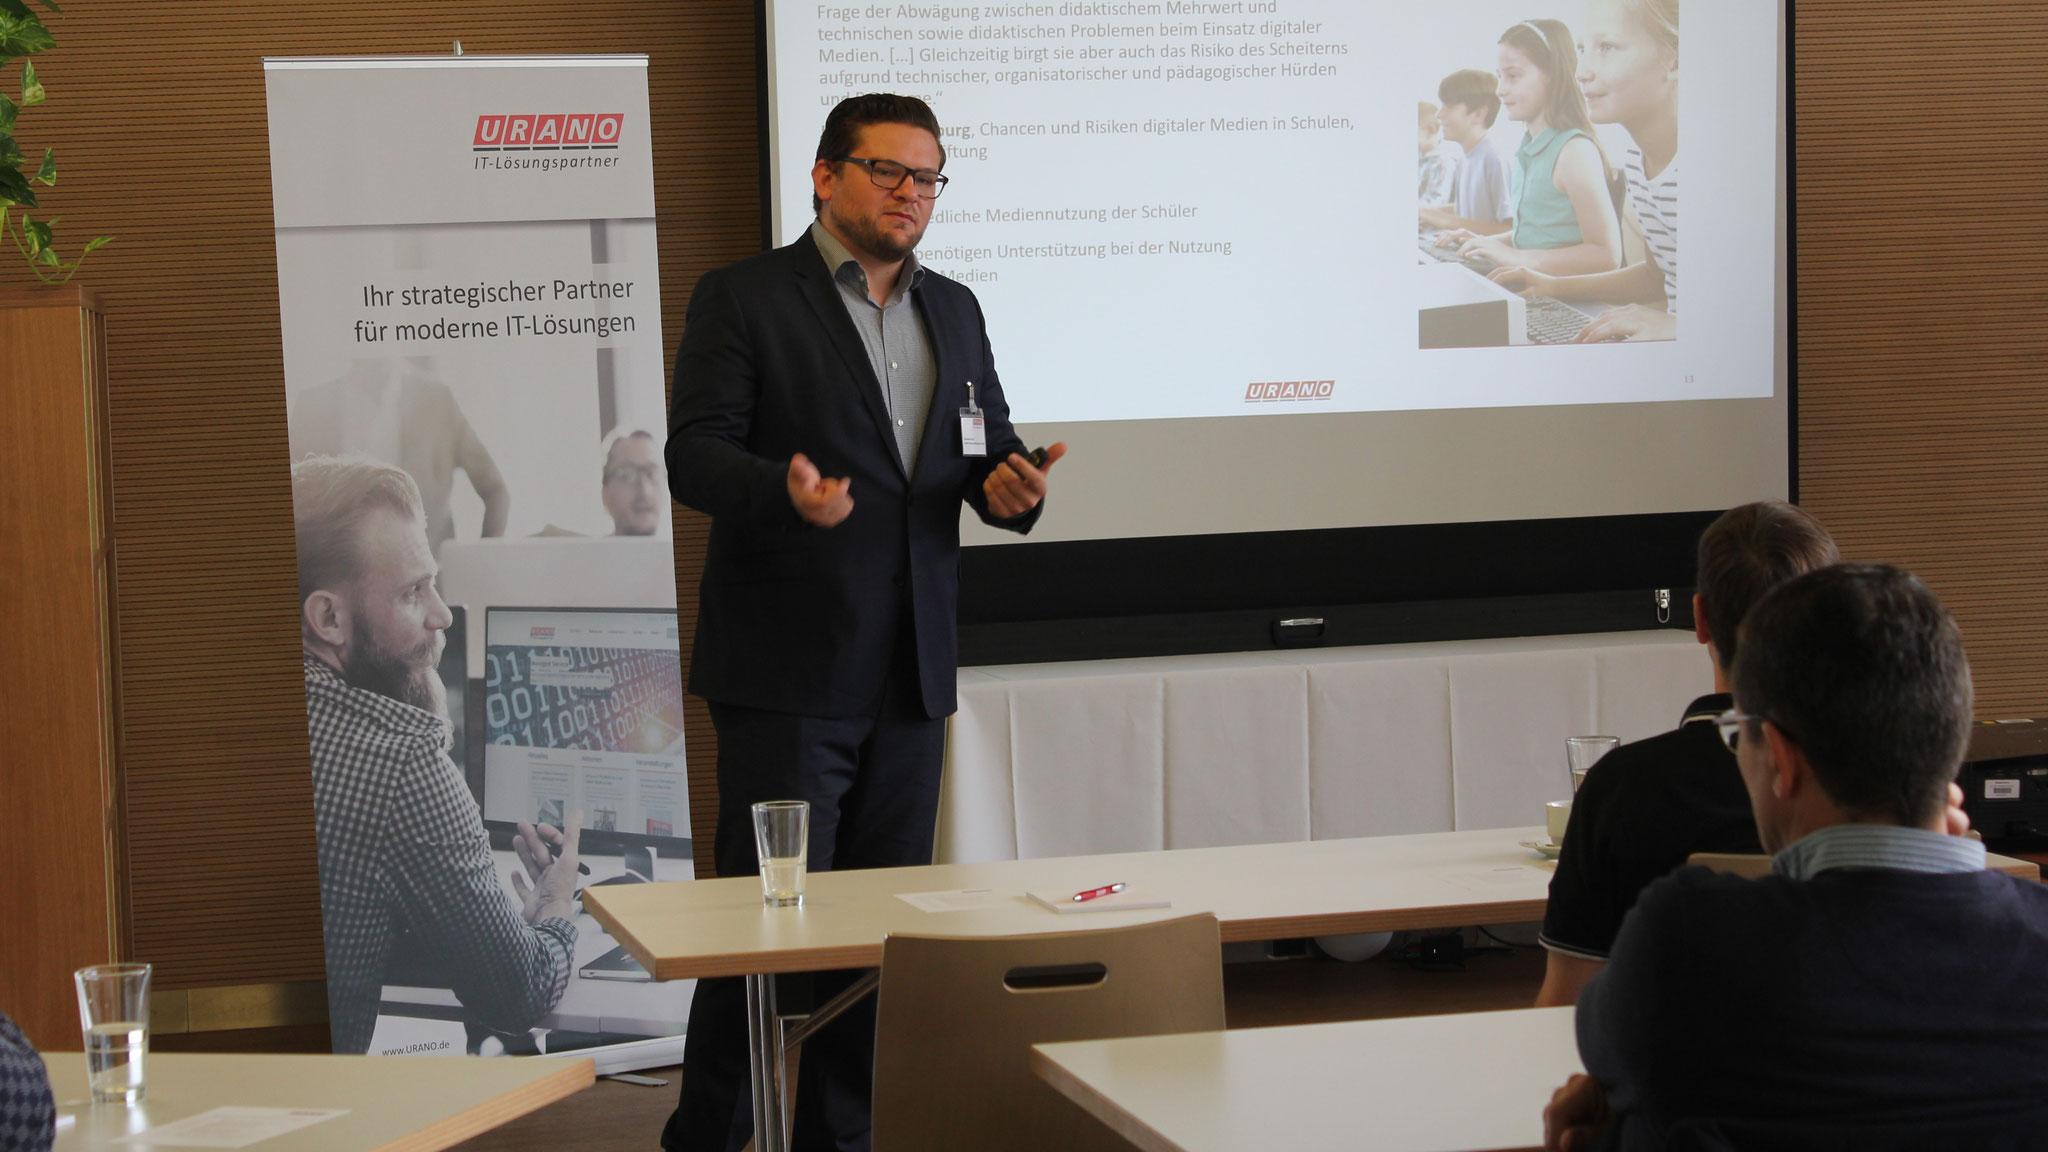 URANO Account Manager Konstantin Dech ist Ansprechpartner für URANO-Services